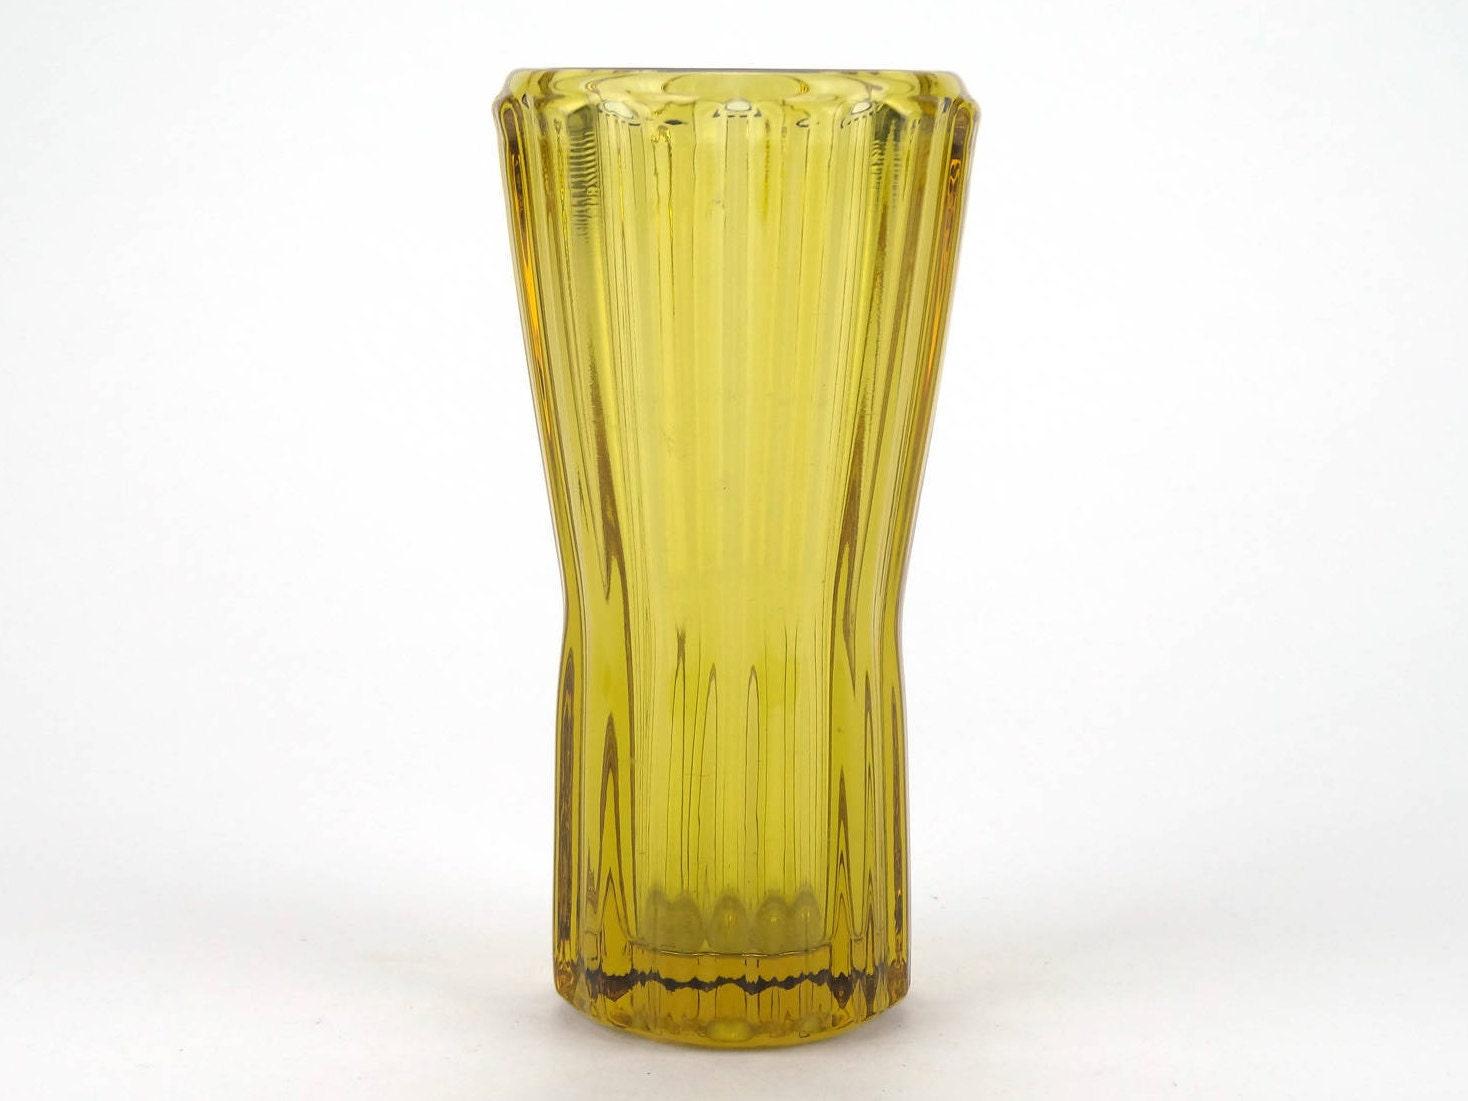 Vintage czech vase retro yellow glass vase sklo union rosice vintage czech vase retro yellow glass vase sklo union rosice bohemian pressed reviewsmspy